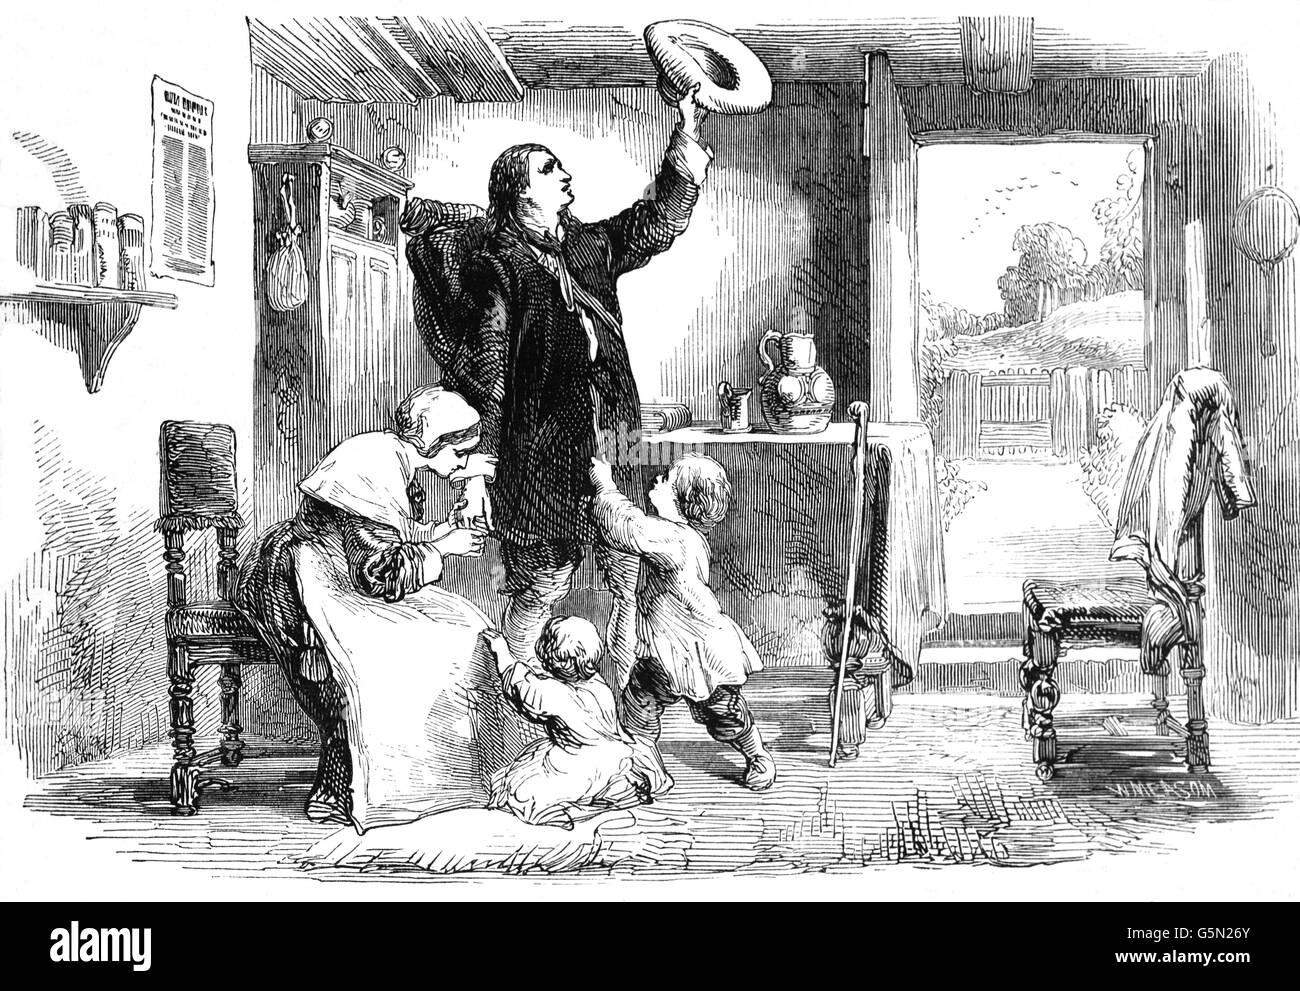 Die Abfahrt nach Salem Insel in Amerika von Roger Williams, ein Puritaner, englischer reformierter Theologe, und Stockfoto